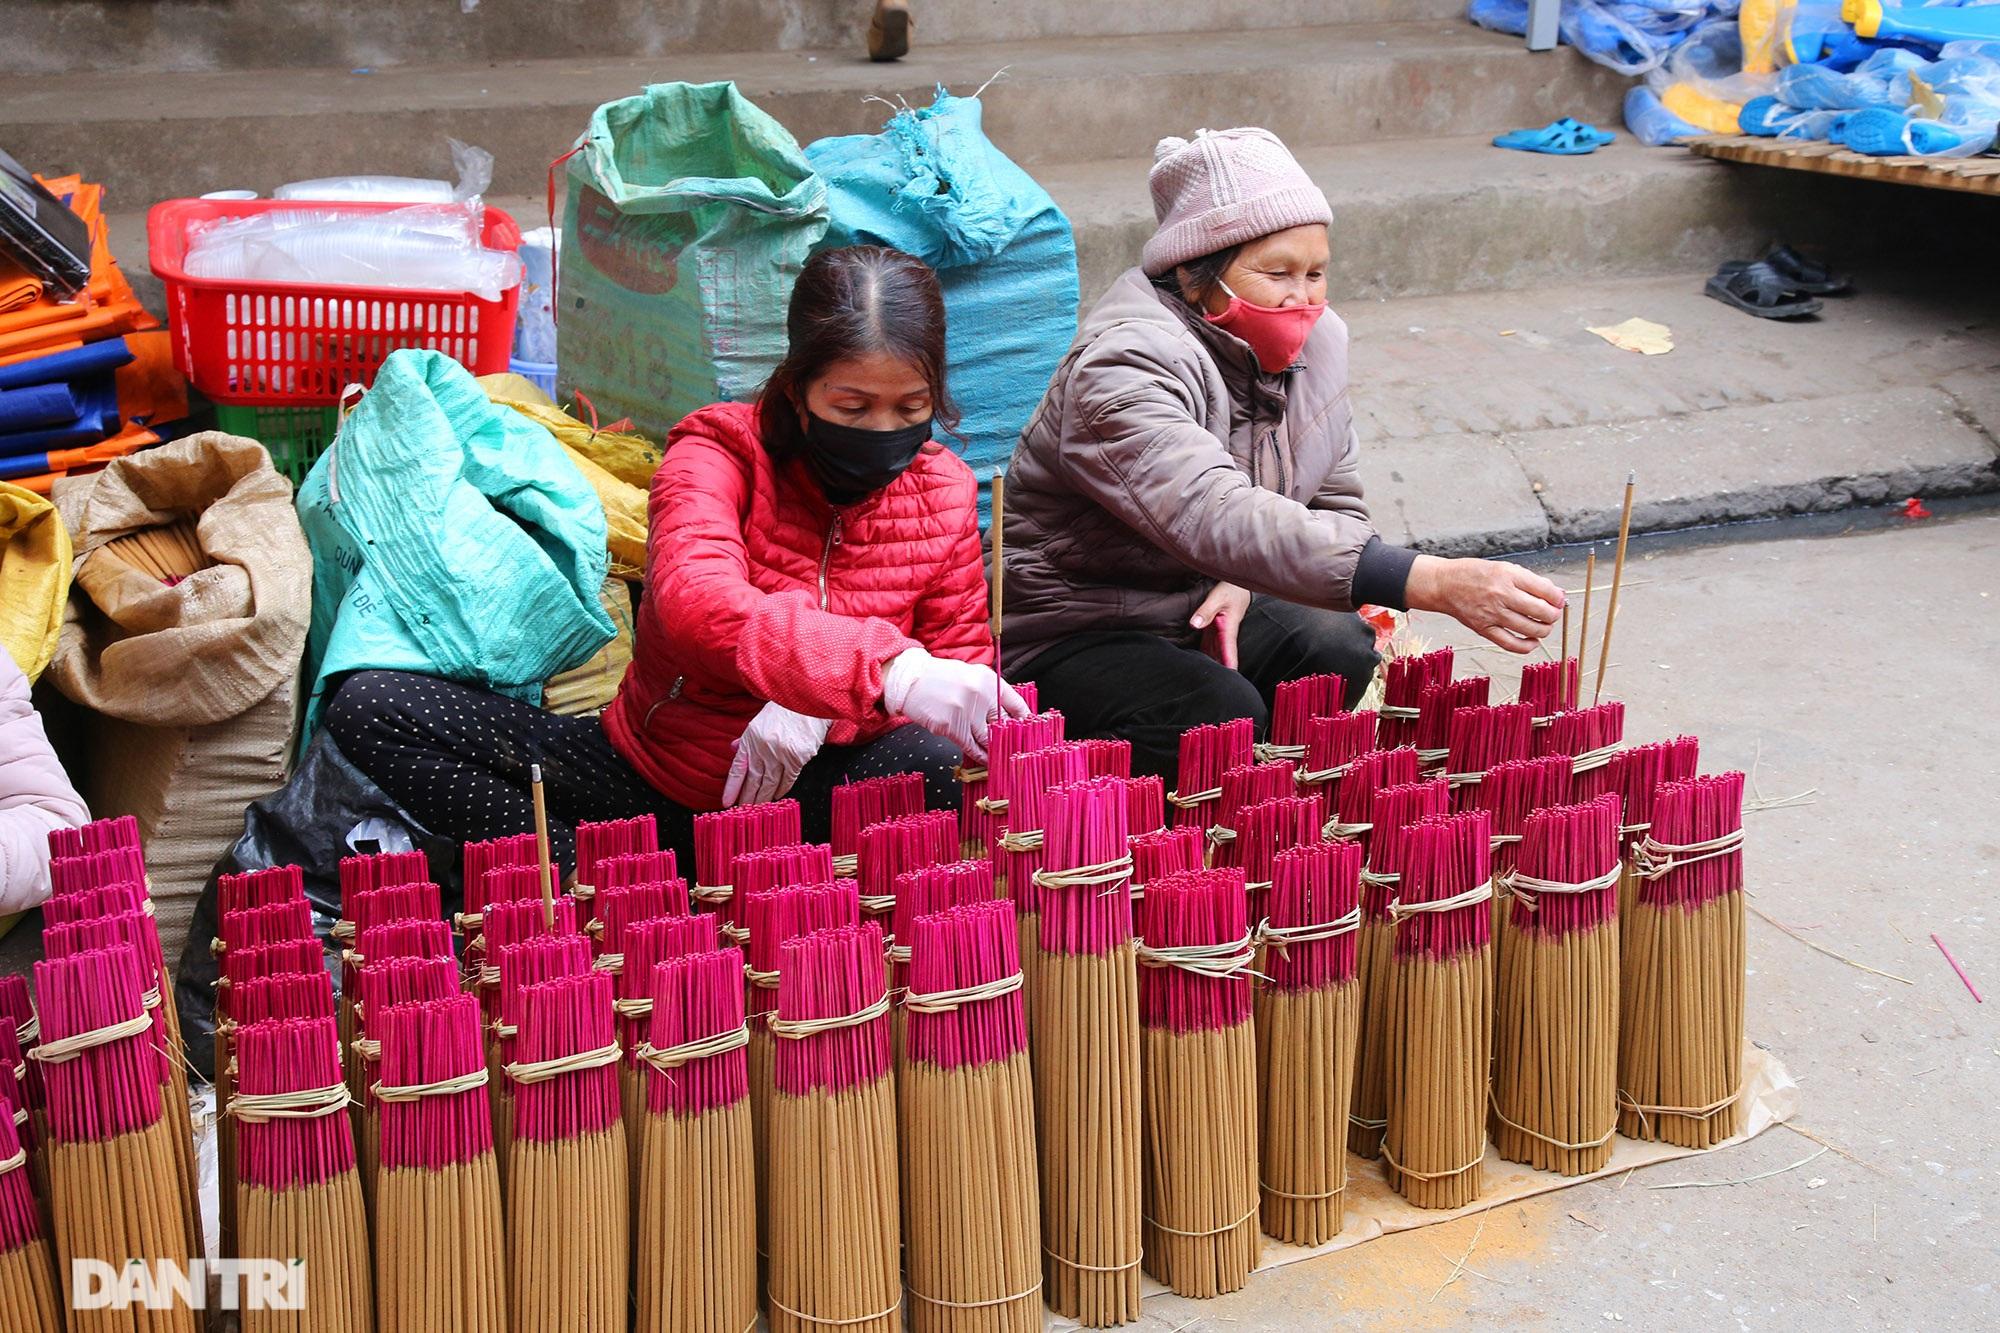 Người dân nhộn nhịp mua cờ tổ quốc về trang trí Tết ở phiên chợ cuối năm - 9